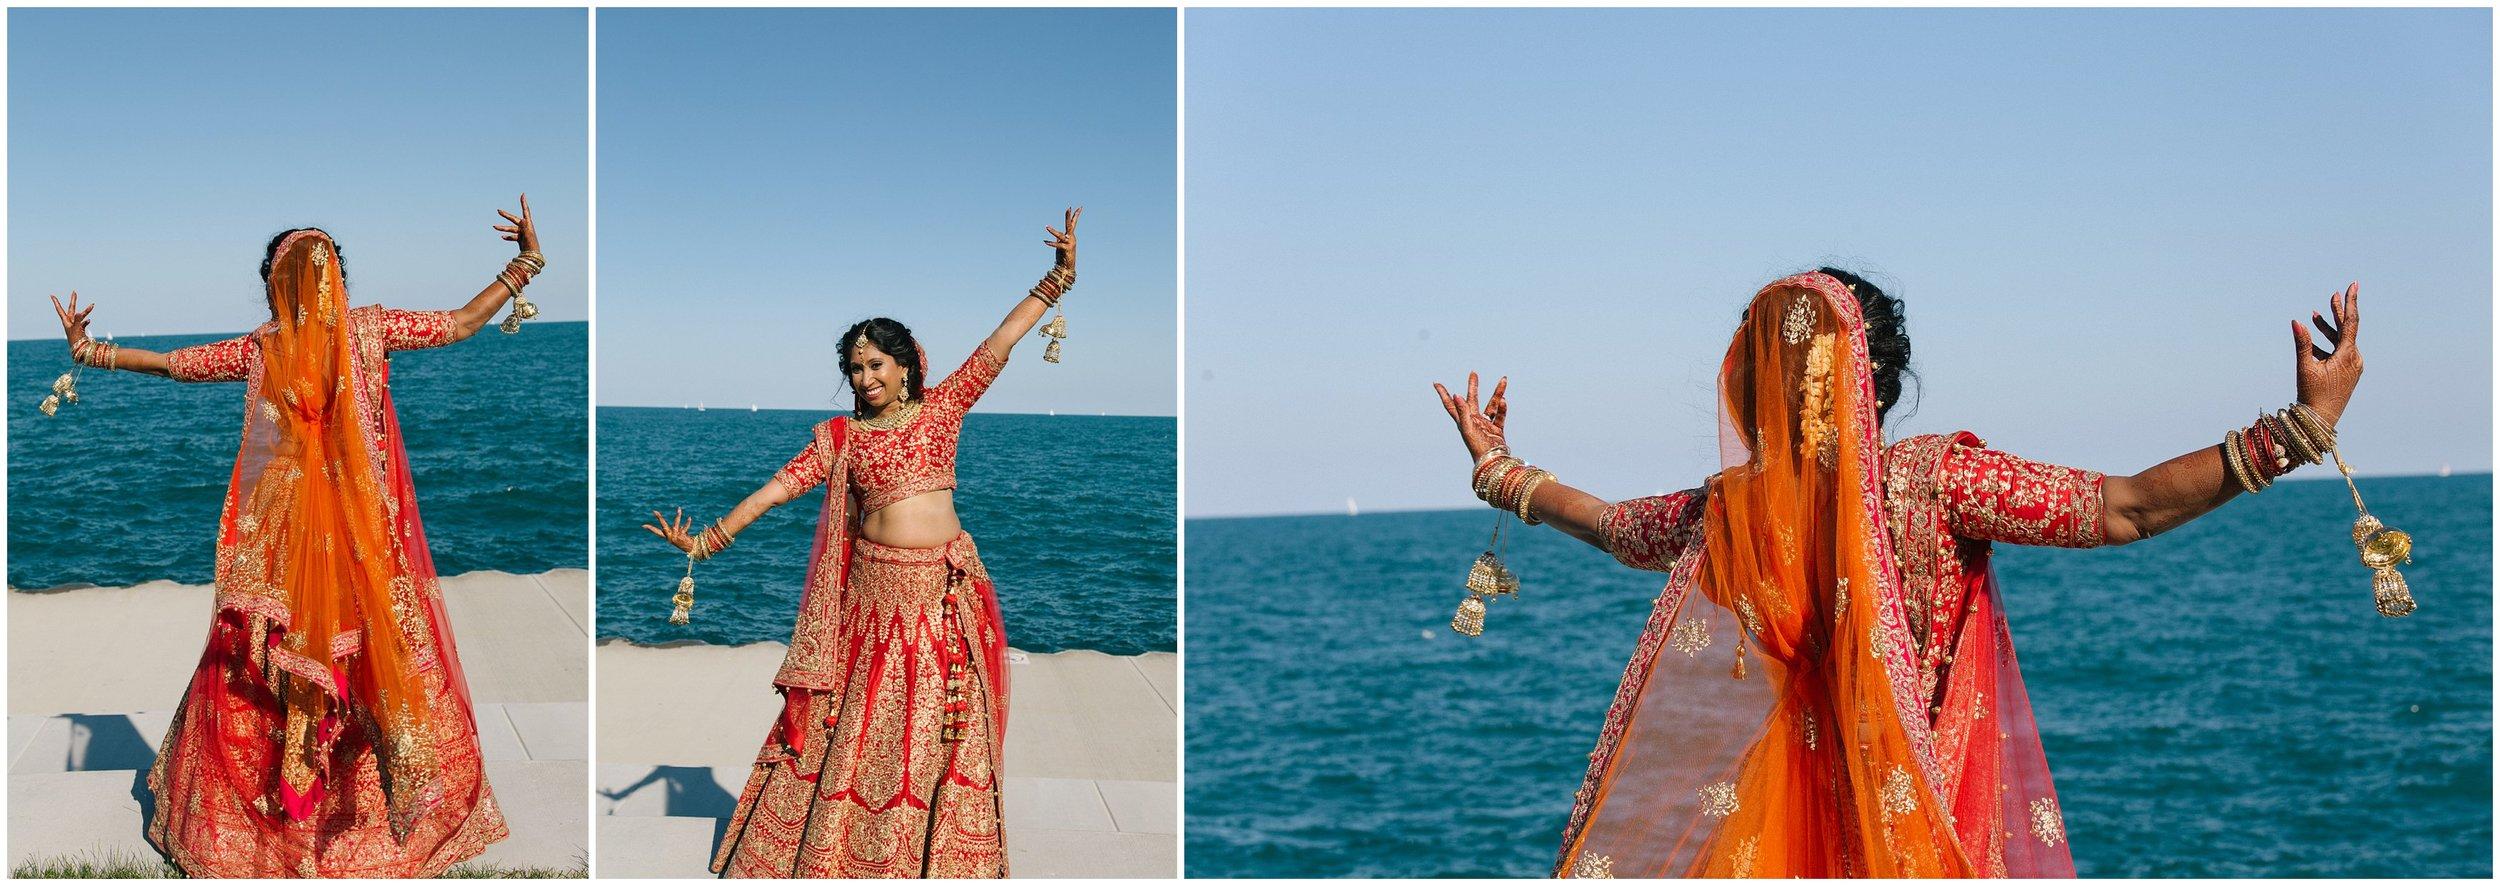 LeCapeWeddings_Shilpa_and_Ashok_2-789_LuxuryDestinationPhotographer.jpg